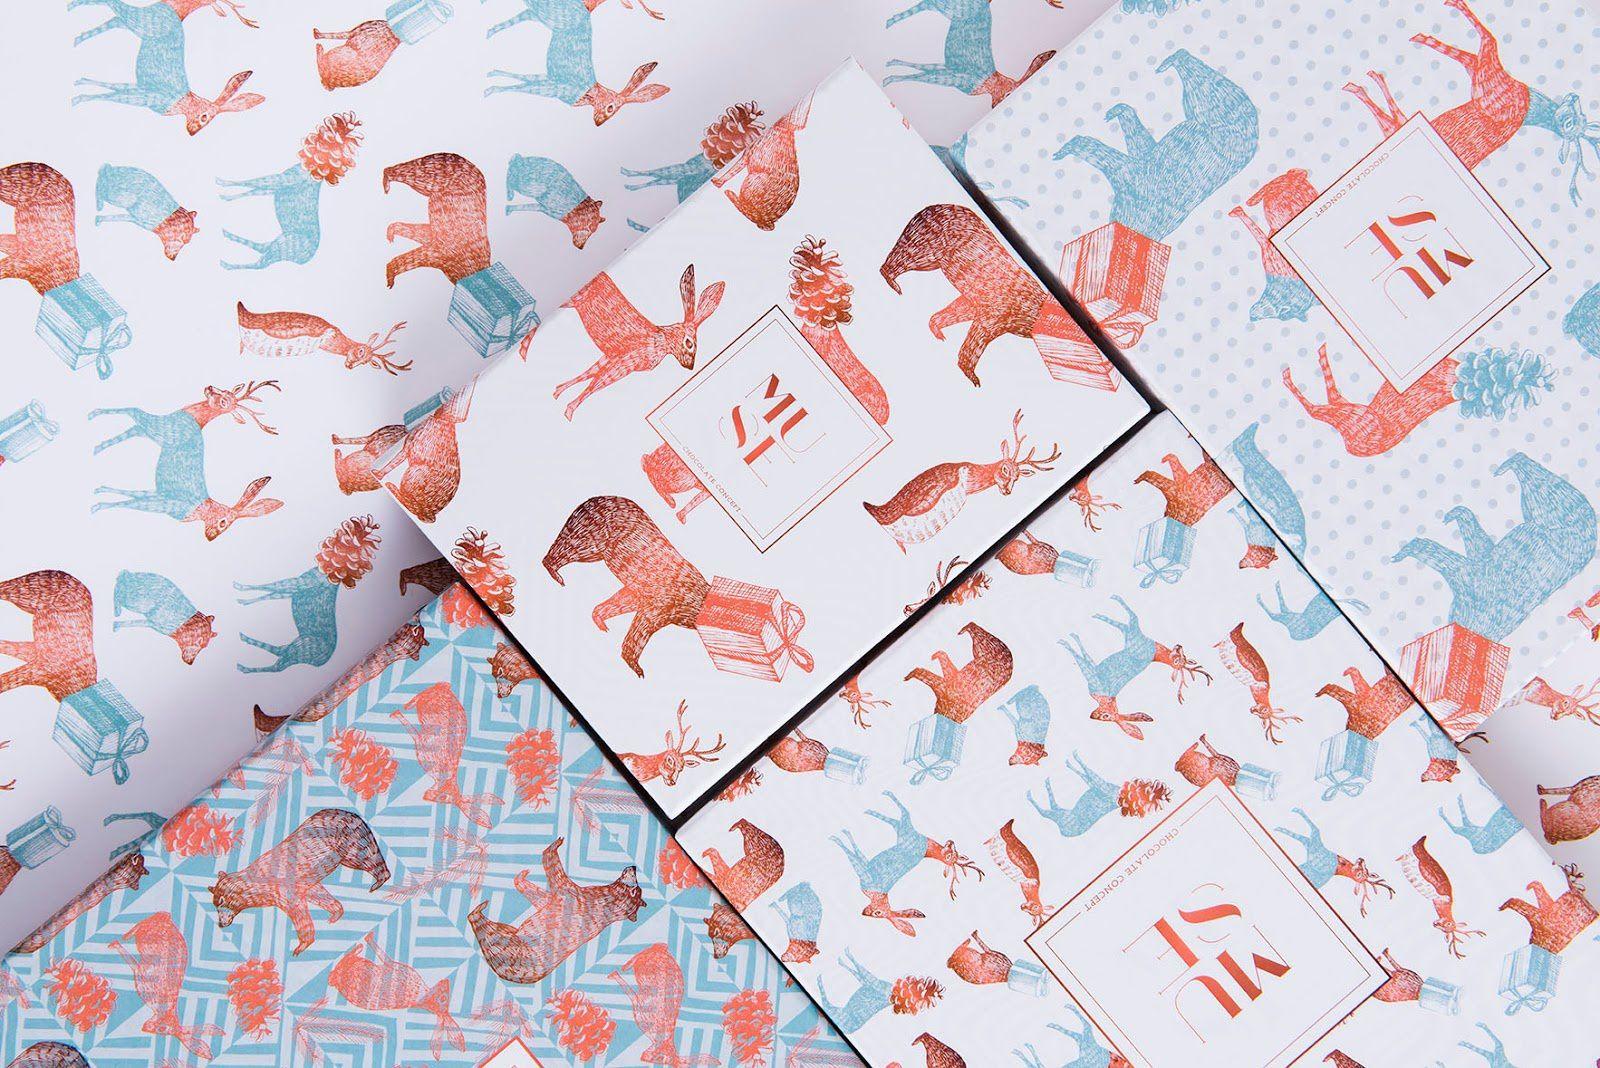 Muse Chocolate Concept (chocolats, édition spécial Noël) I Design : Mo Kalache, Espagne (décembre 2016)